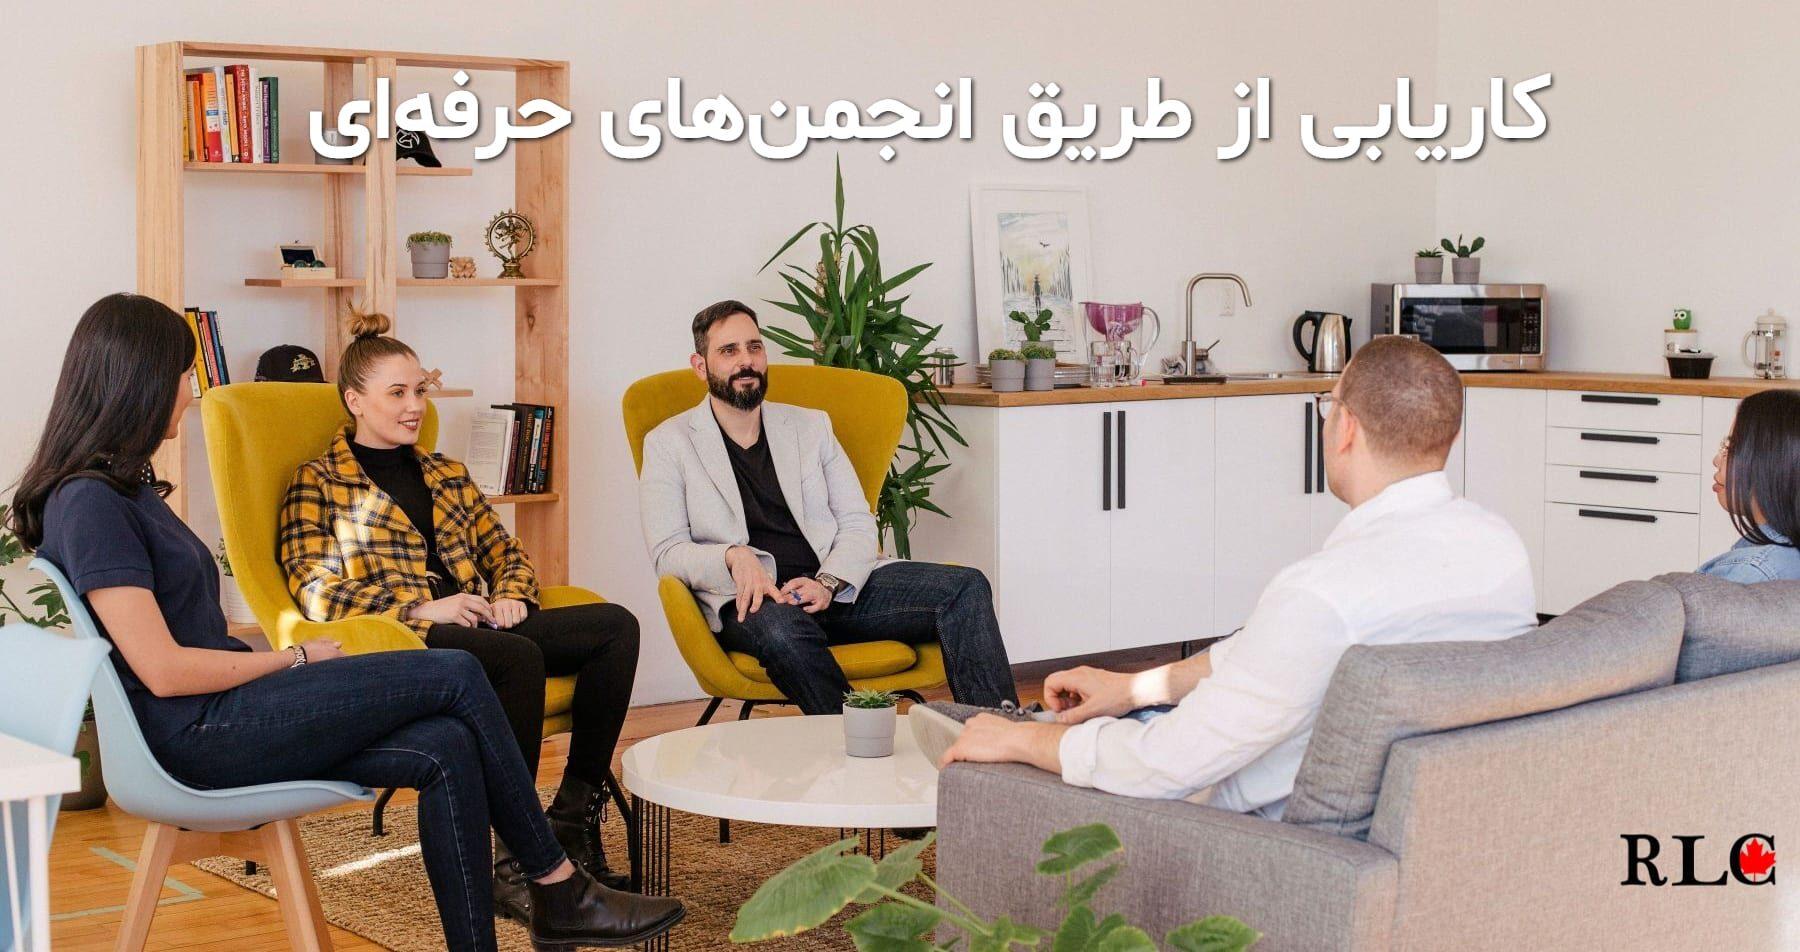 کاریابی انجمنهای حرفهای عکس اصلی